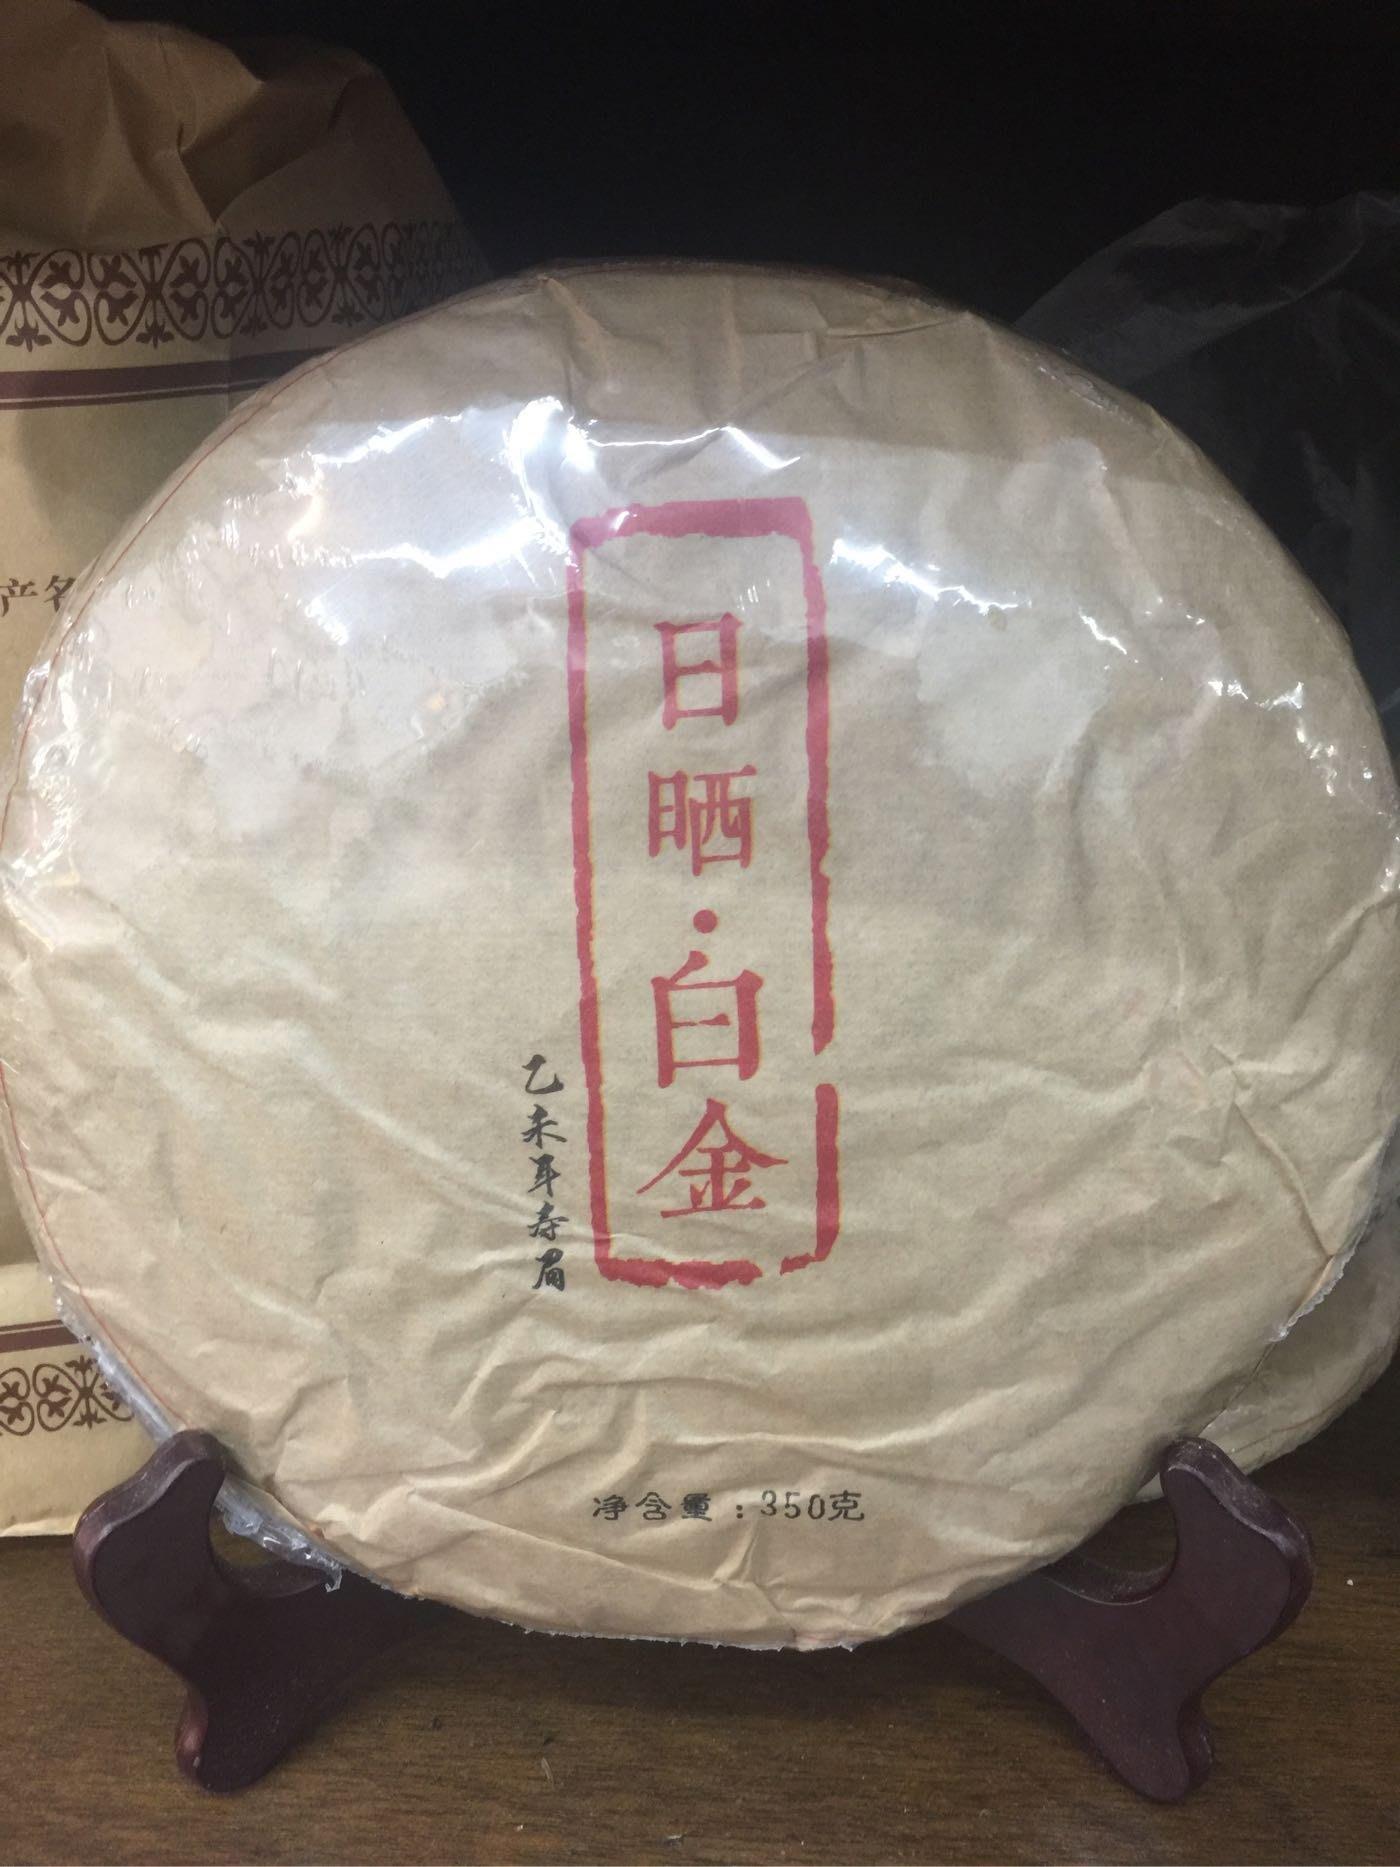 〈白茶私藏〉日晒白茶2010年〈白茶〉